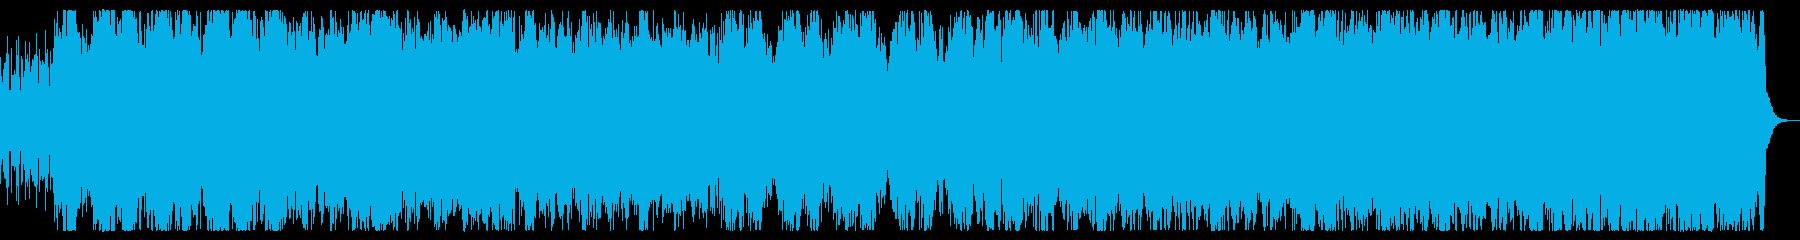 伝説の空へ 爽快なファンタジーBGMの再生済みの波形